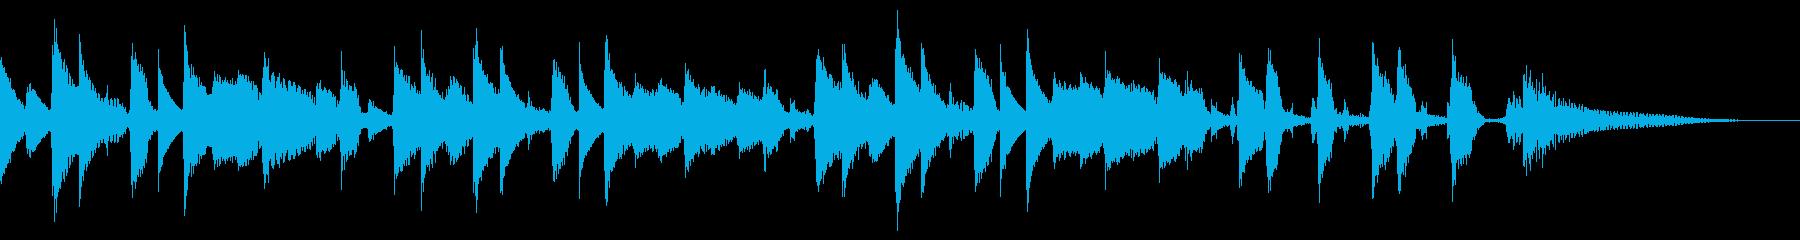 【ジングル/15秒】ほのぼのボサノバの再生済みの波形